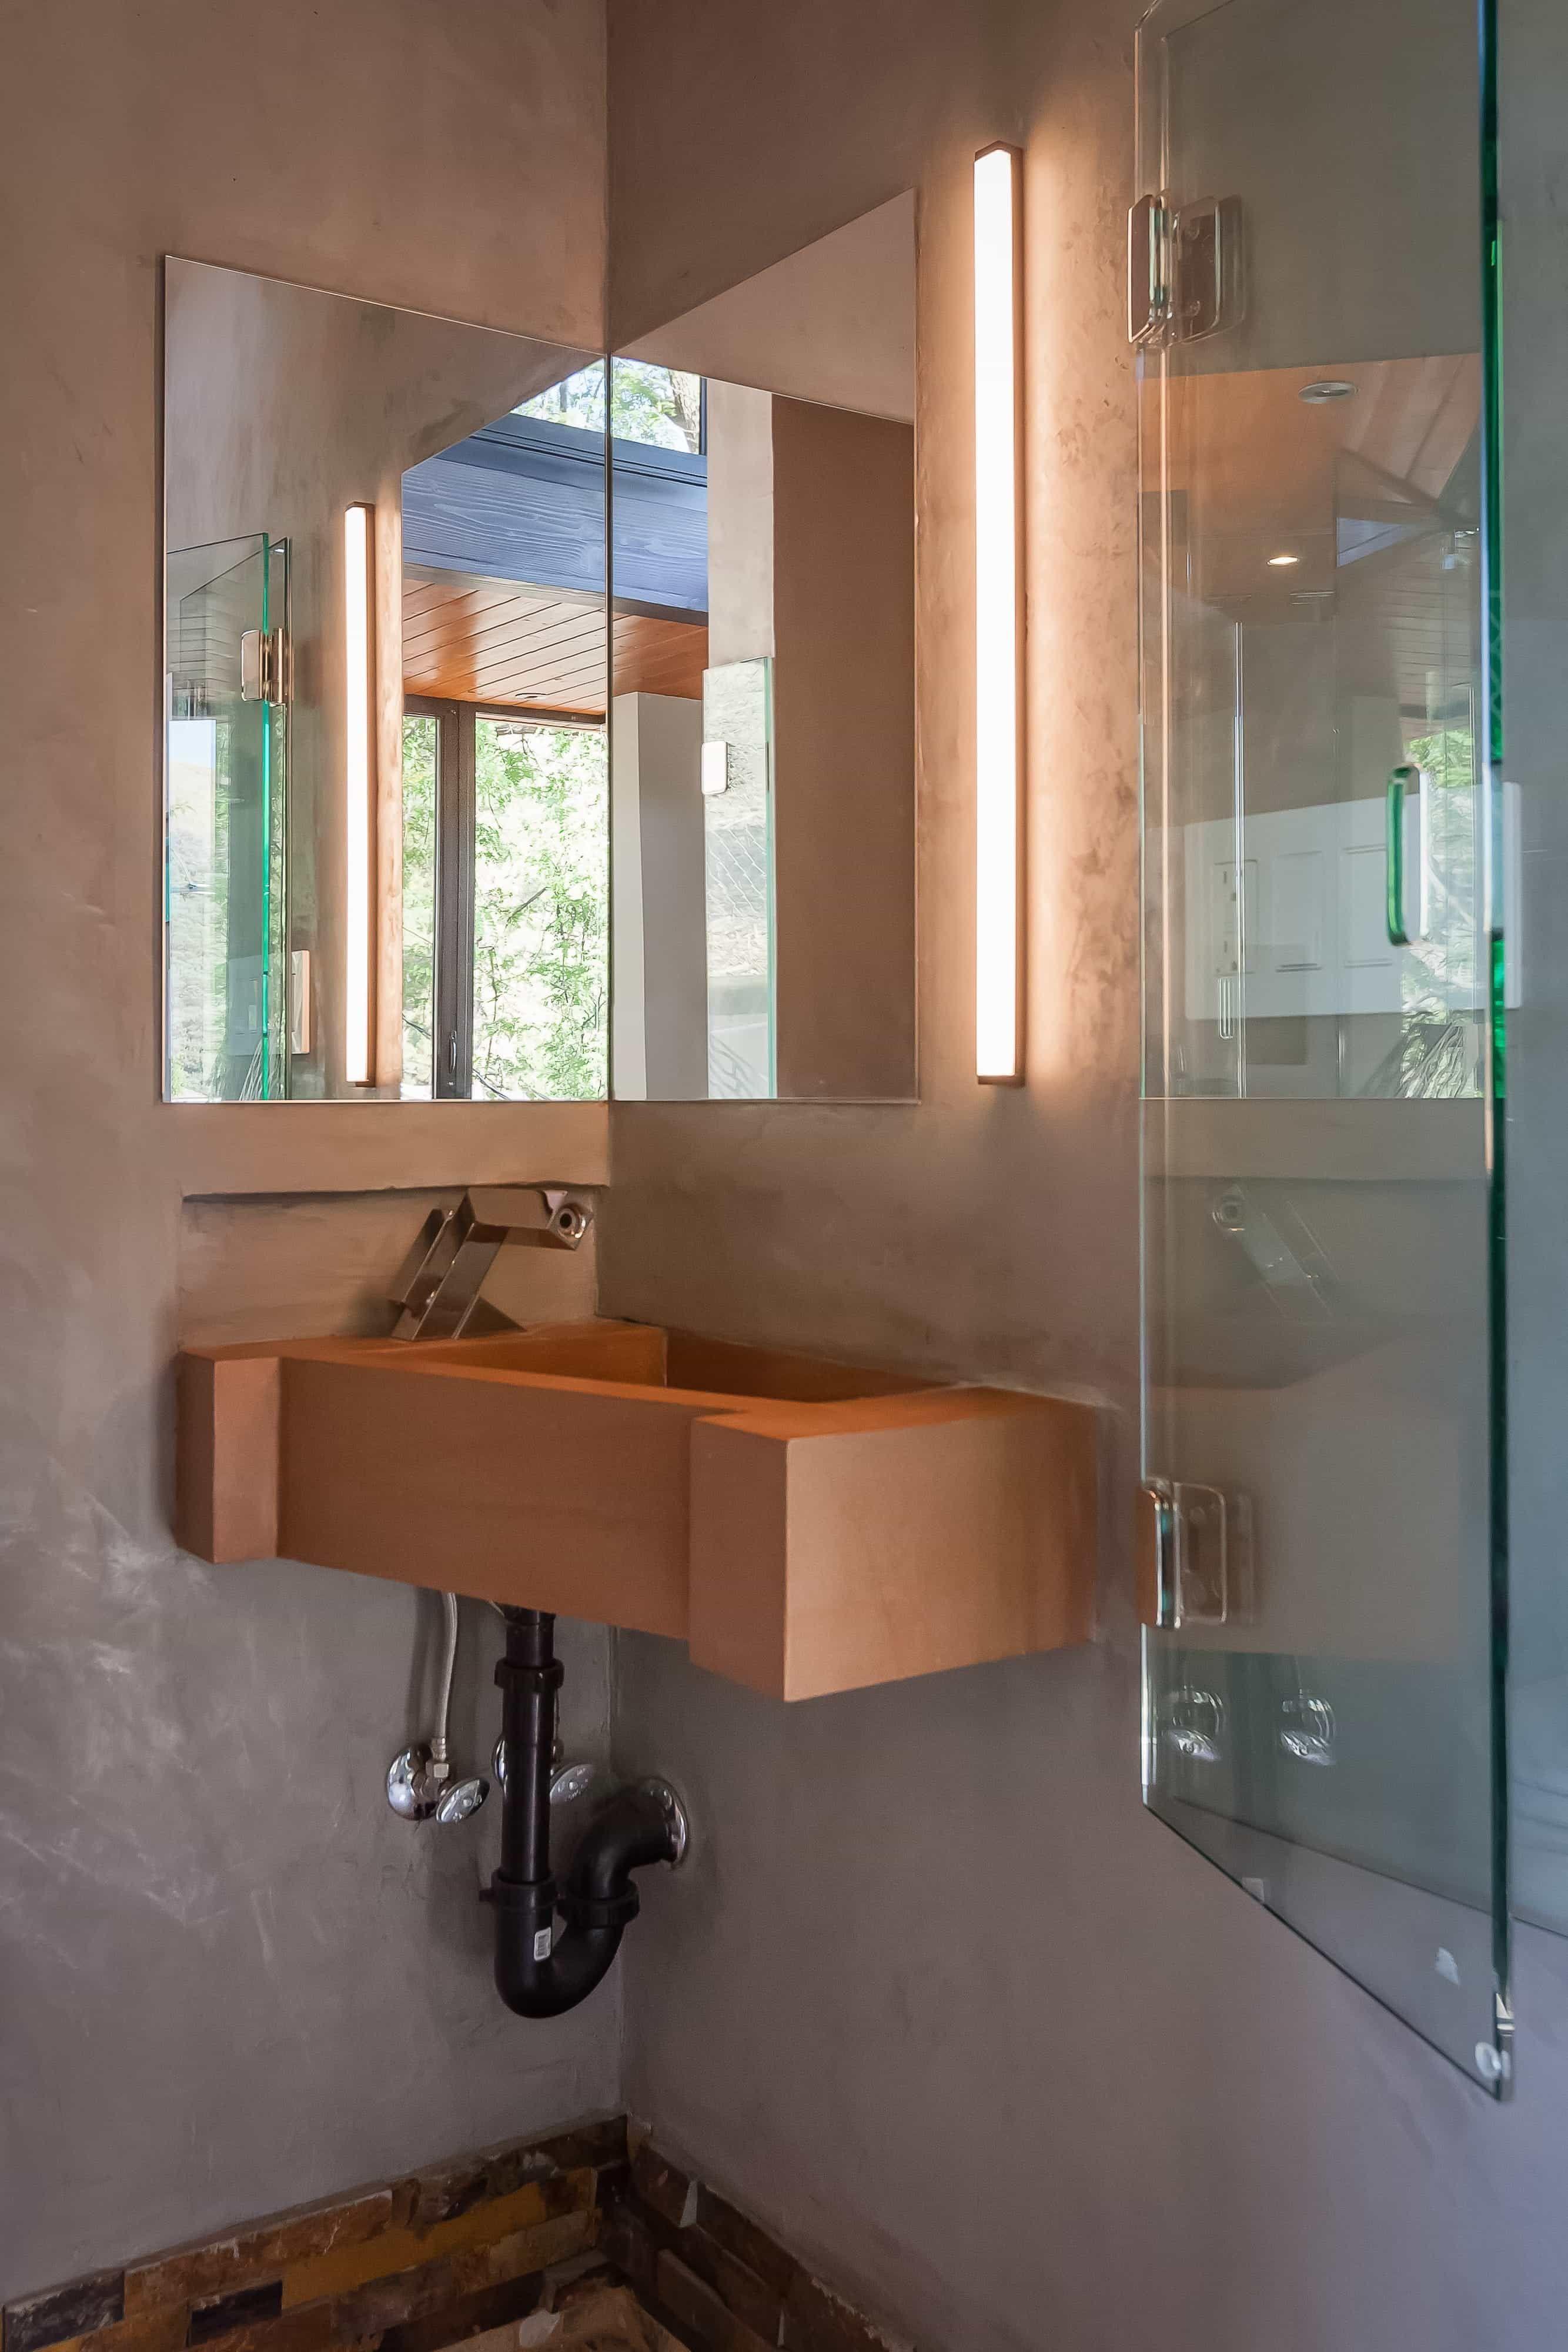 Spa wie badezimmer ideen die gute und perfekte eck waschtisch für badezimmer dekor